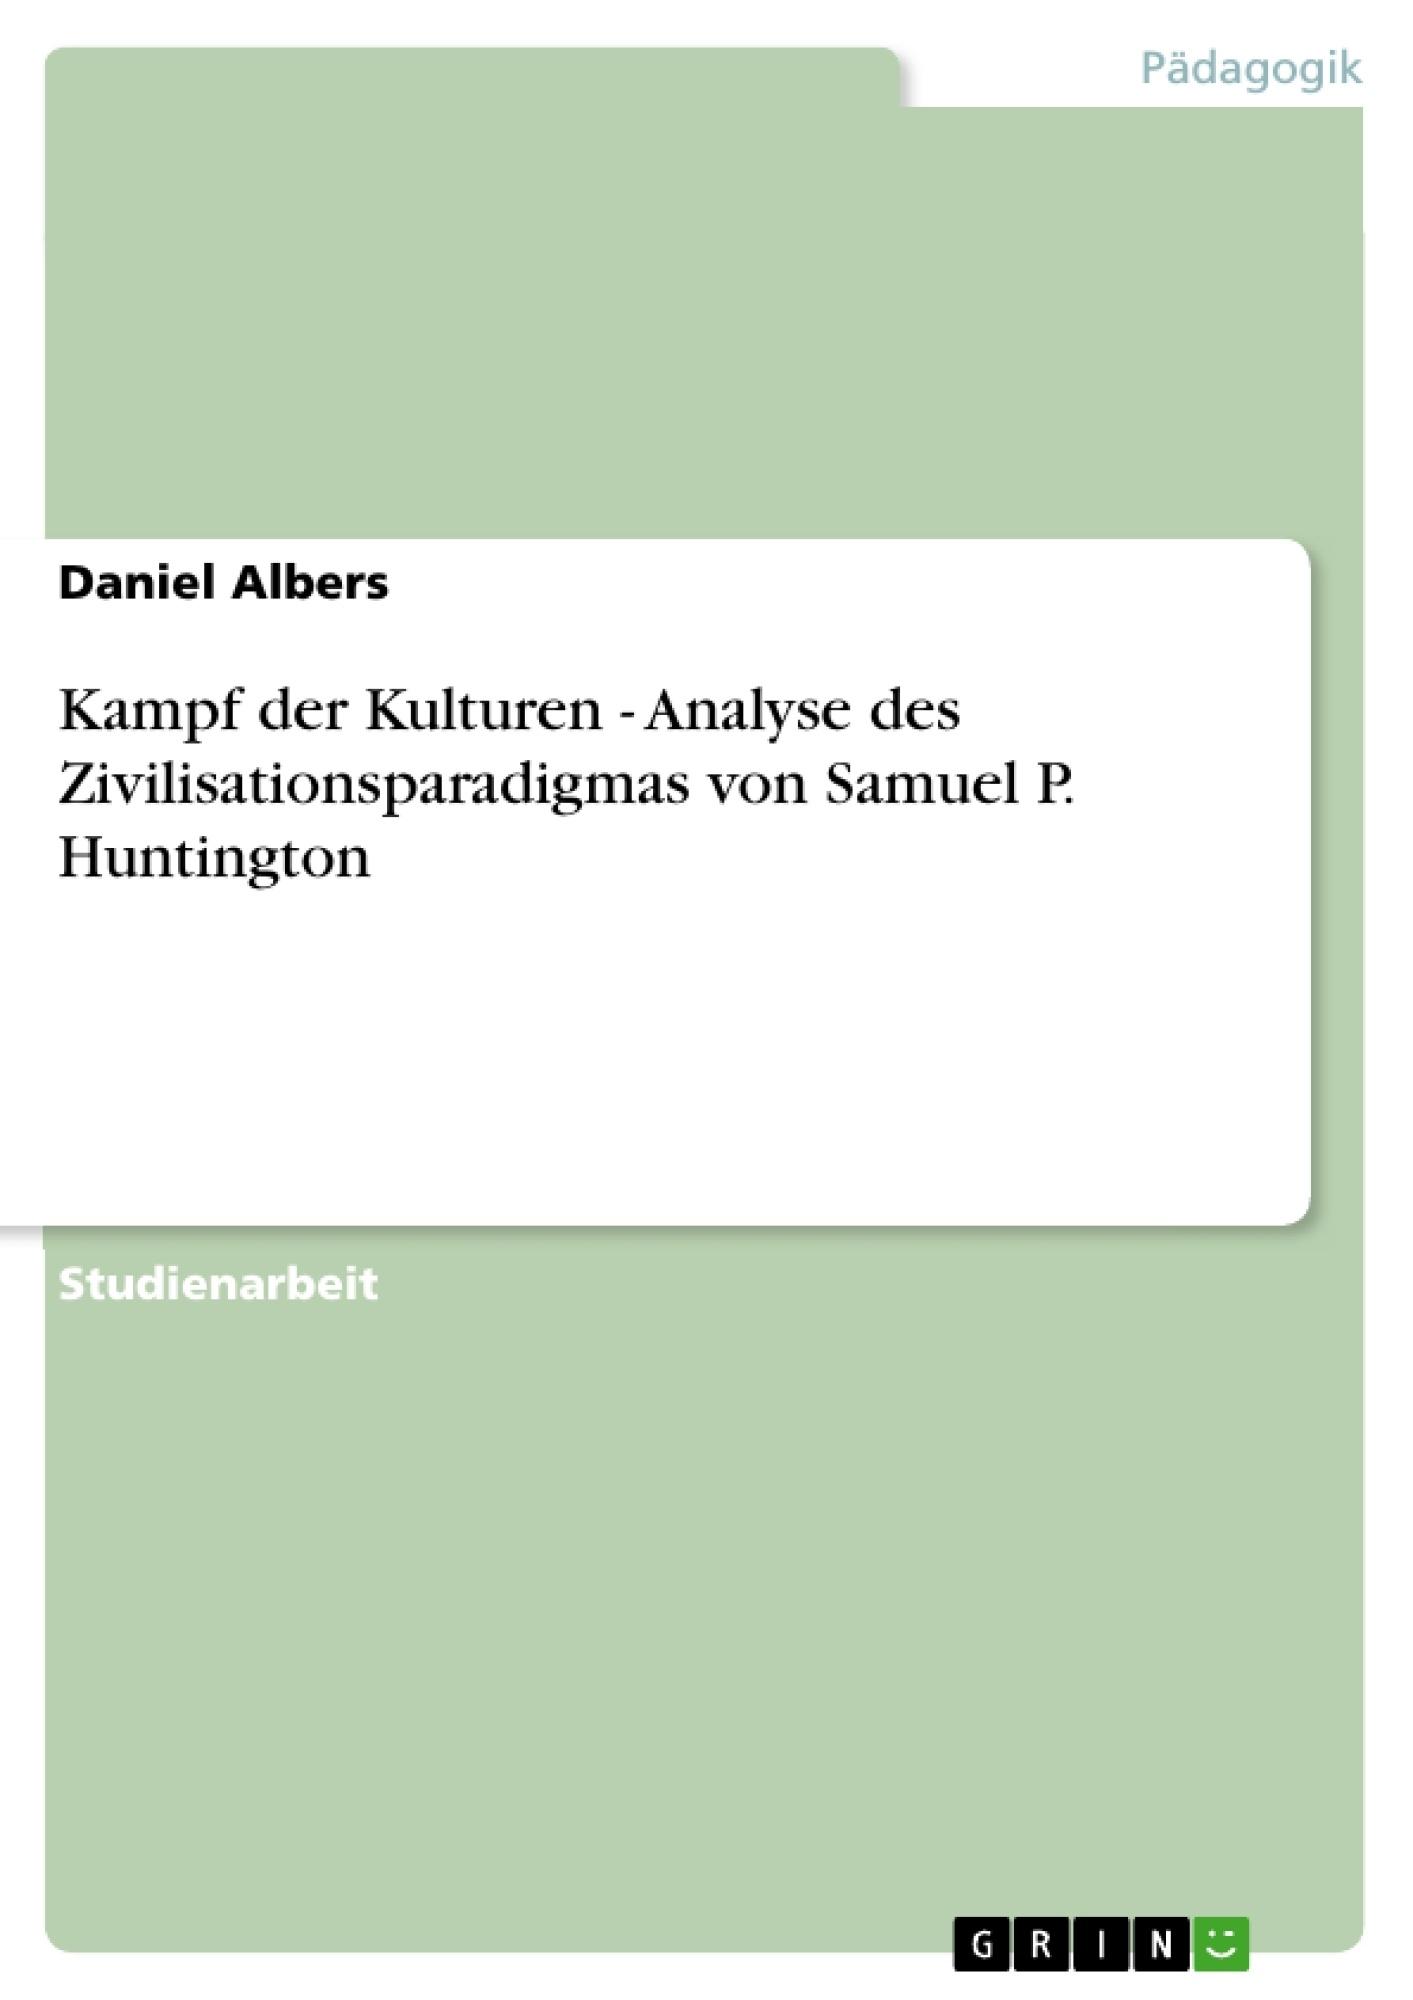 Titel: Kampf der Kulturen - Analyse des Zivilisationsparadigmas von Samuel P. Huntington